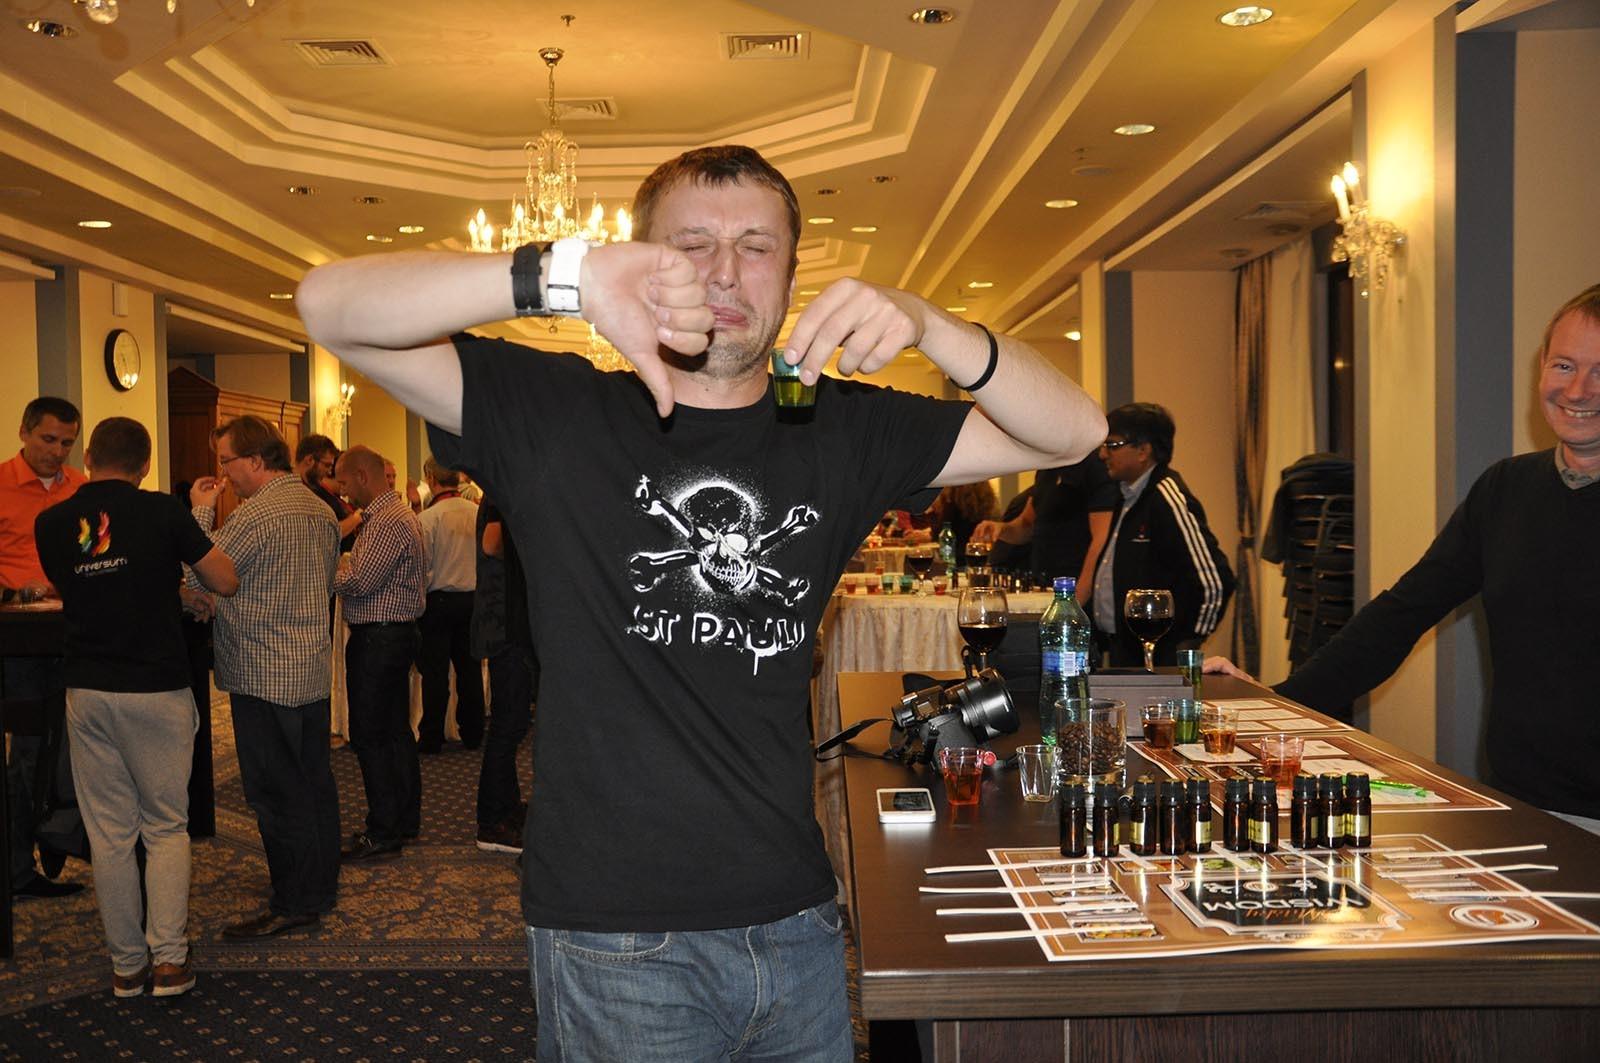 Clen teamu dava najevo svuj nazor o produktu ktery vytvoril ve hre Whisky Wisdom